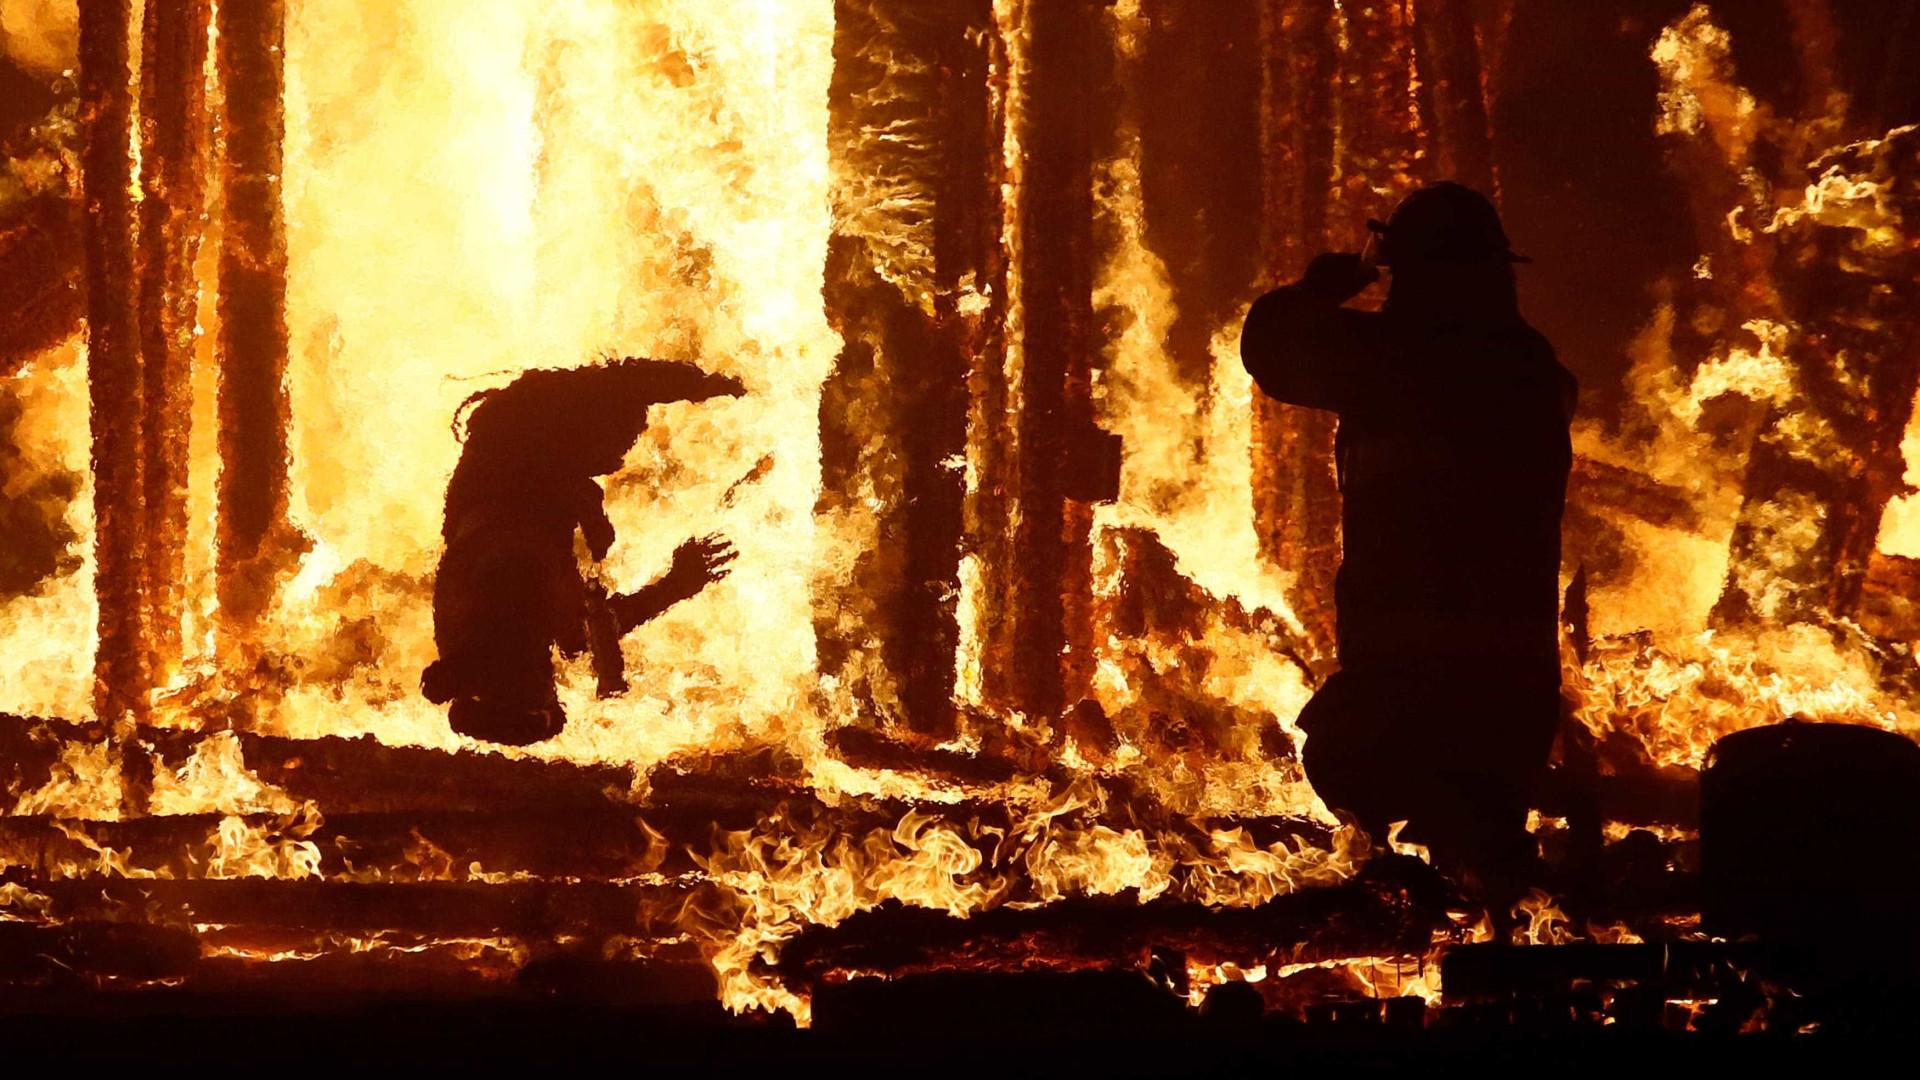 Homem morre depois de se atirar contra o fogo no Burning Man